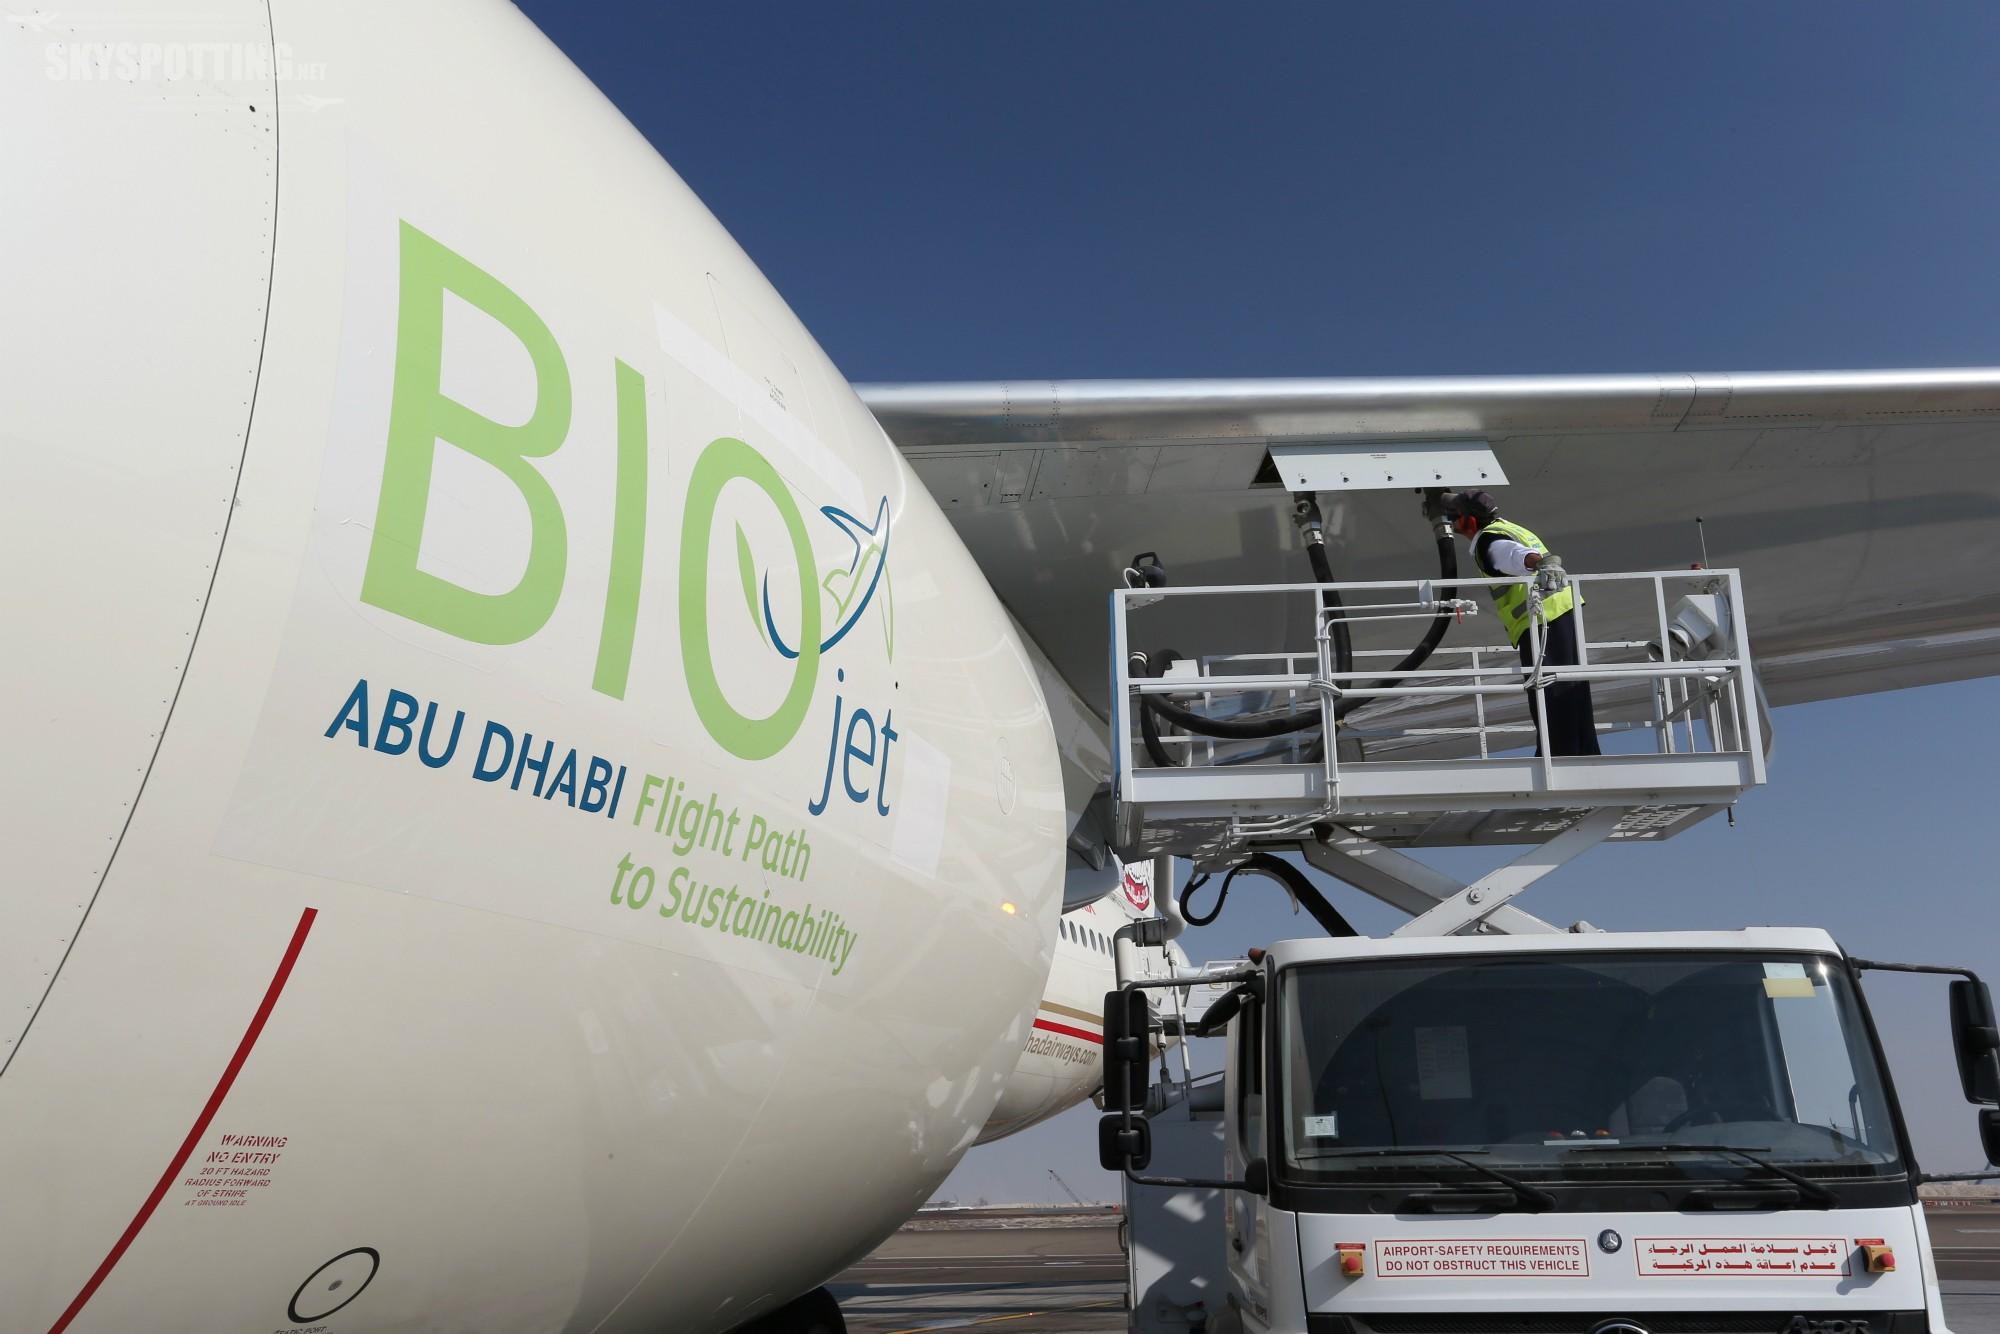 Boeing dołącza do nowego zespołu BIOjet Abu Dhabi aby rozwijać łańcuch dostaw biopaliw w Zjednoczonych Emiratach Arabskich